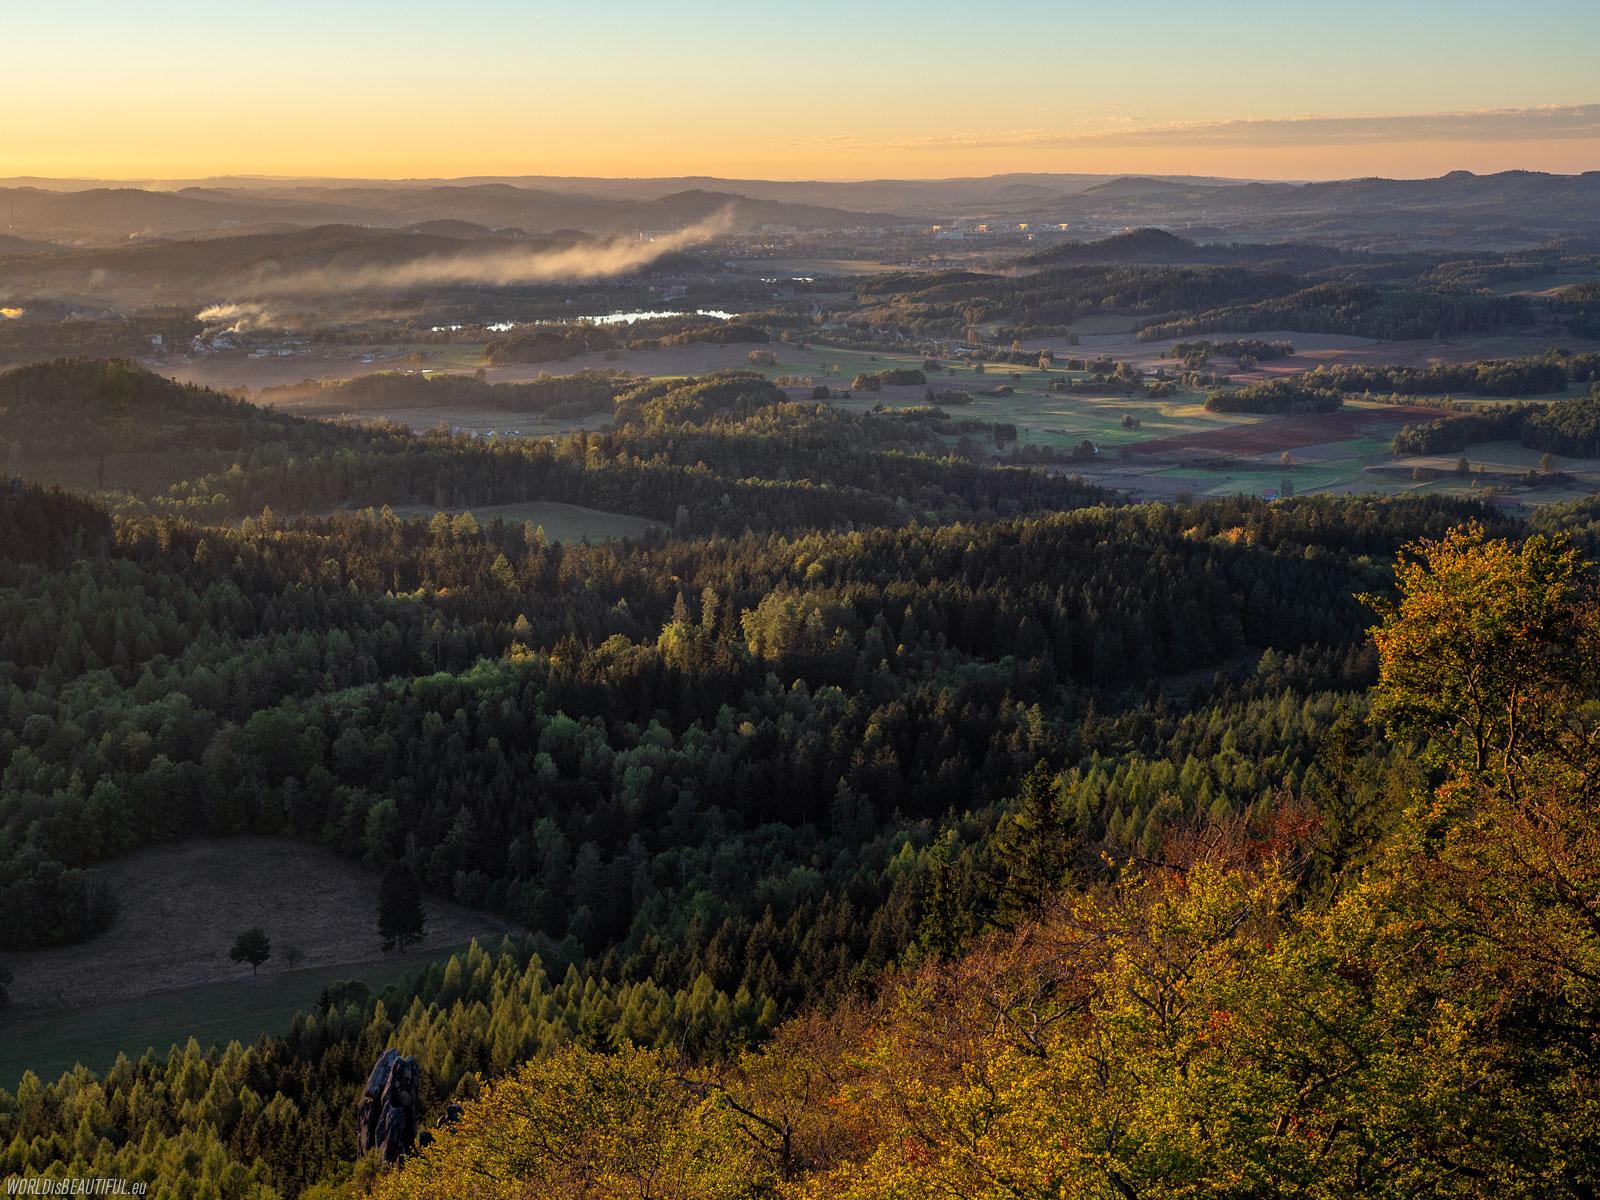 Jelenia Góra widziana z Gór Sokolich